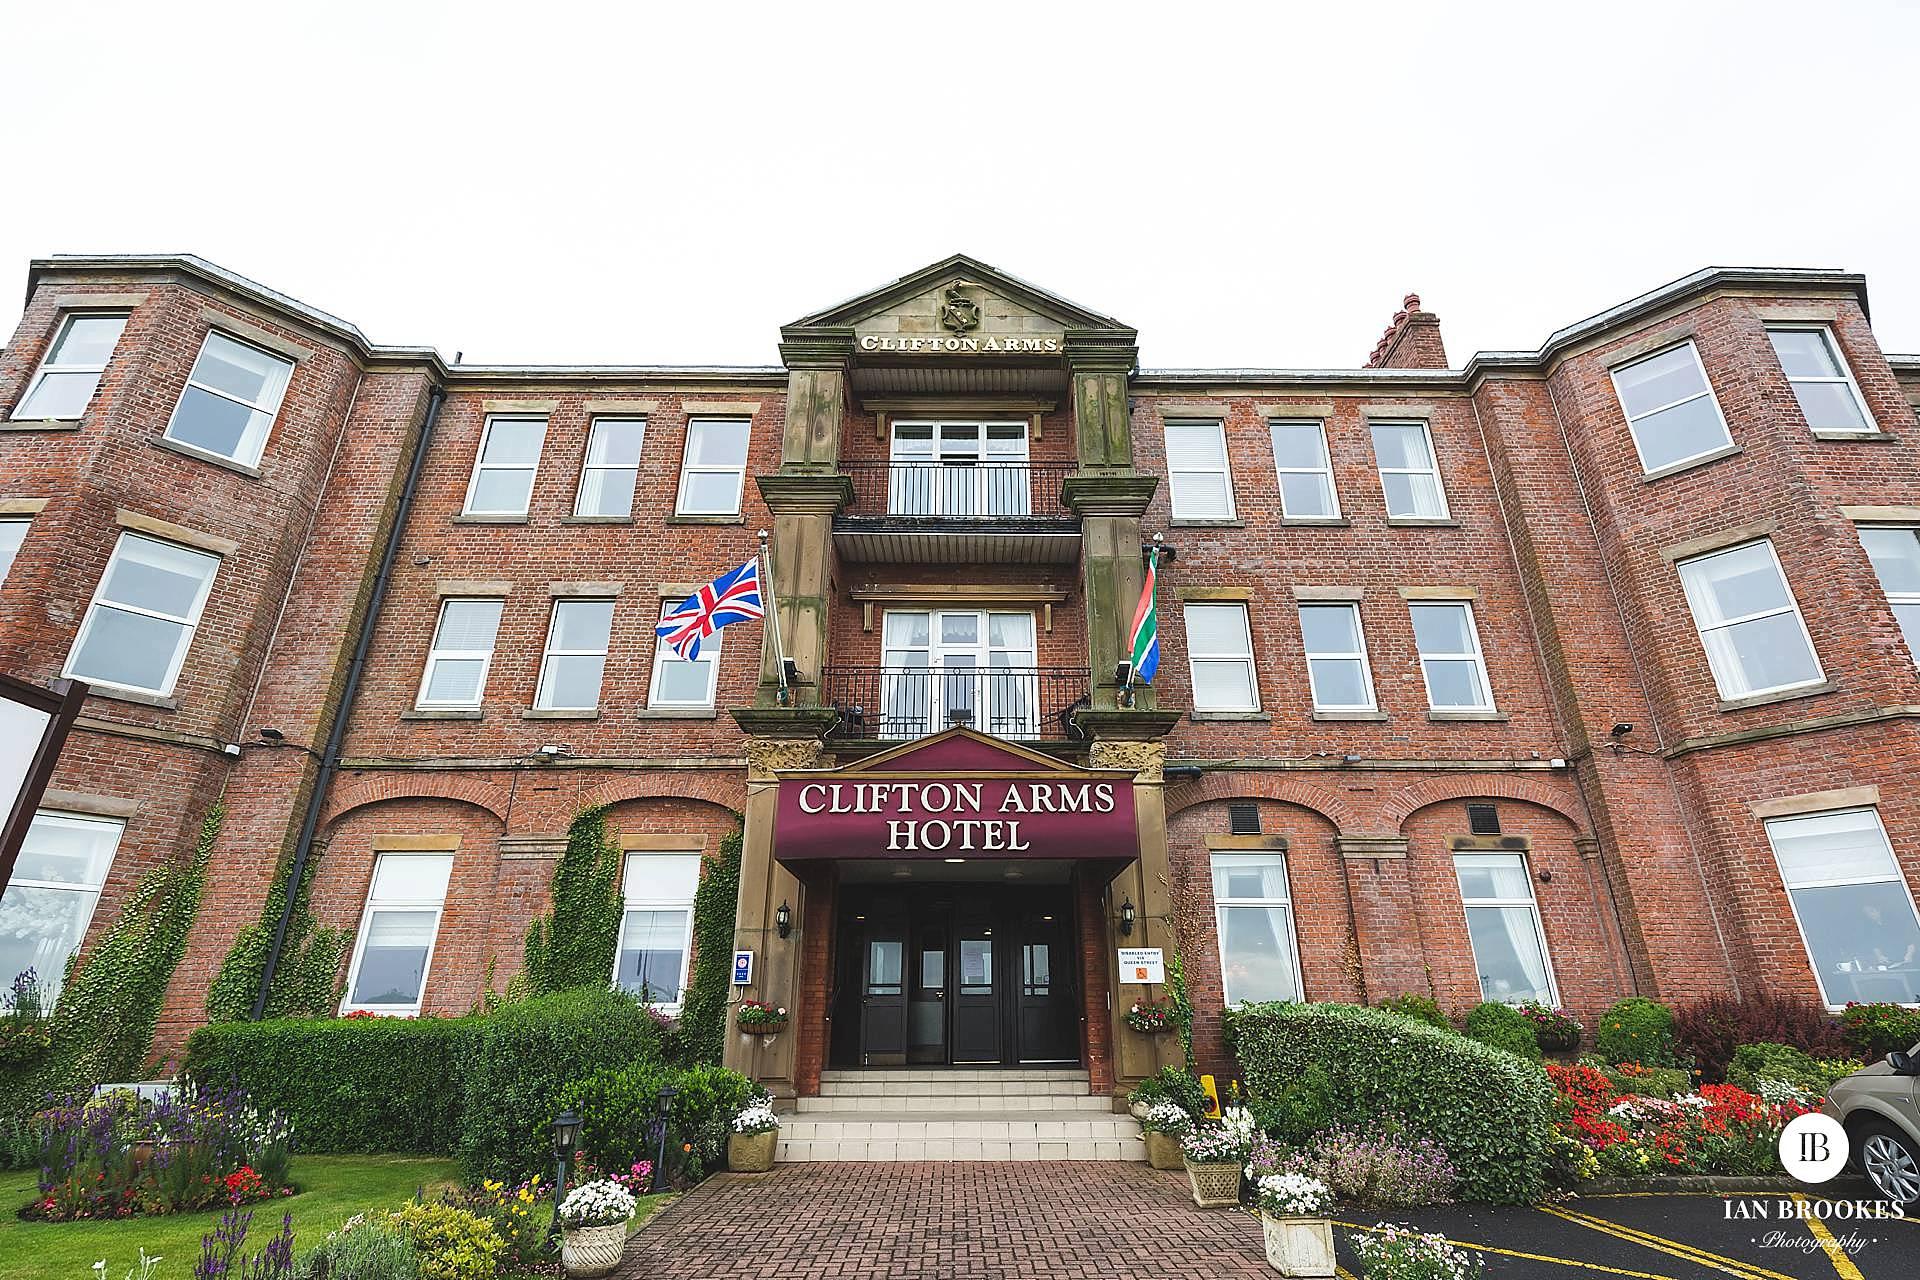 clifton arms hotel wedding